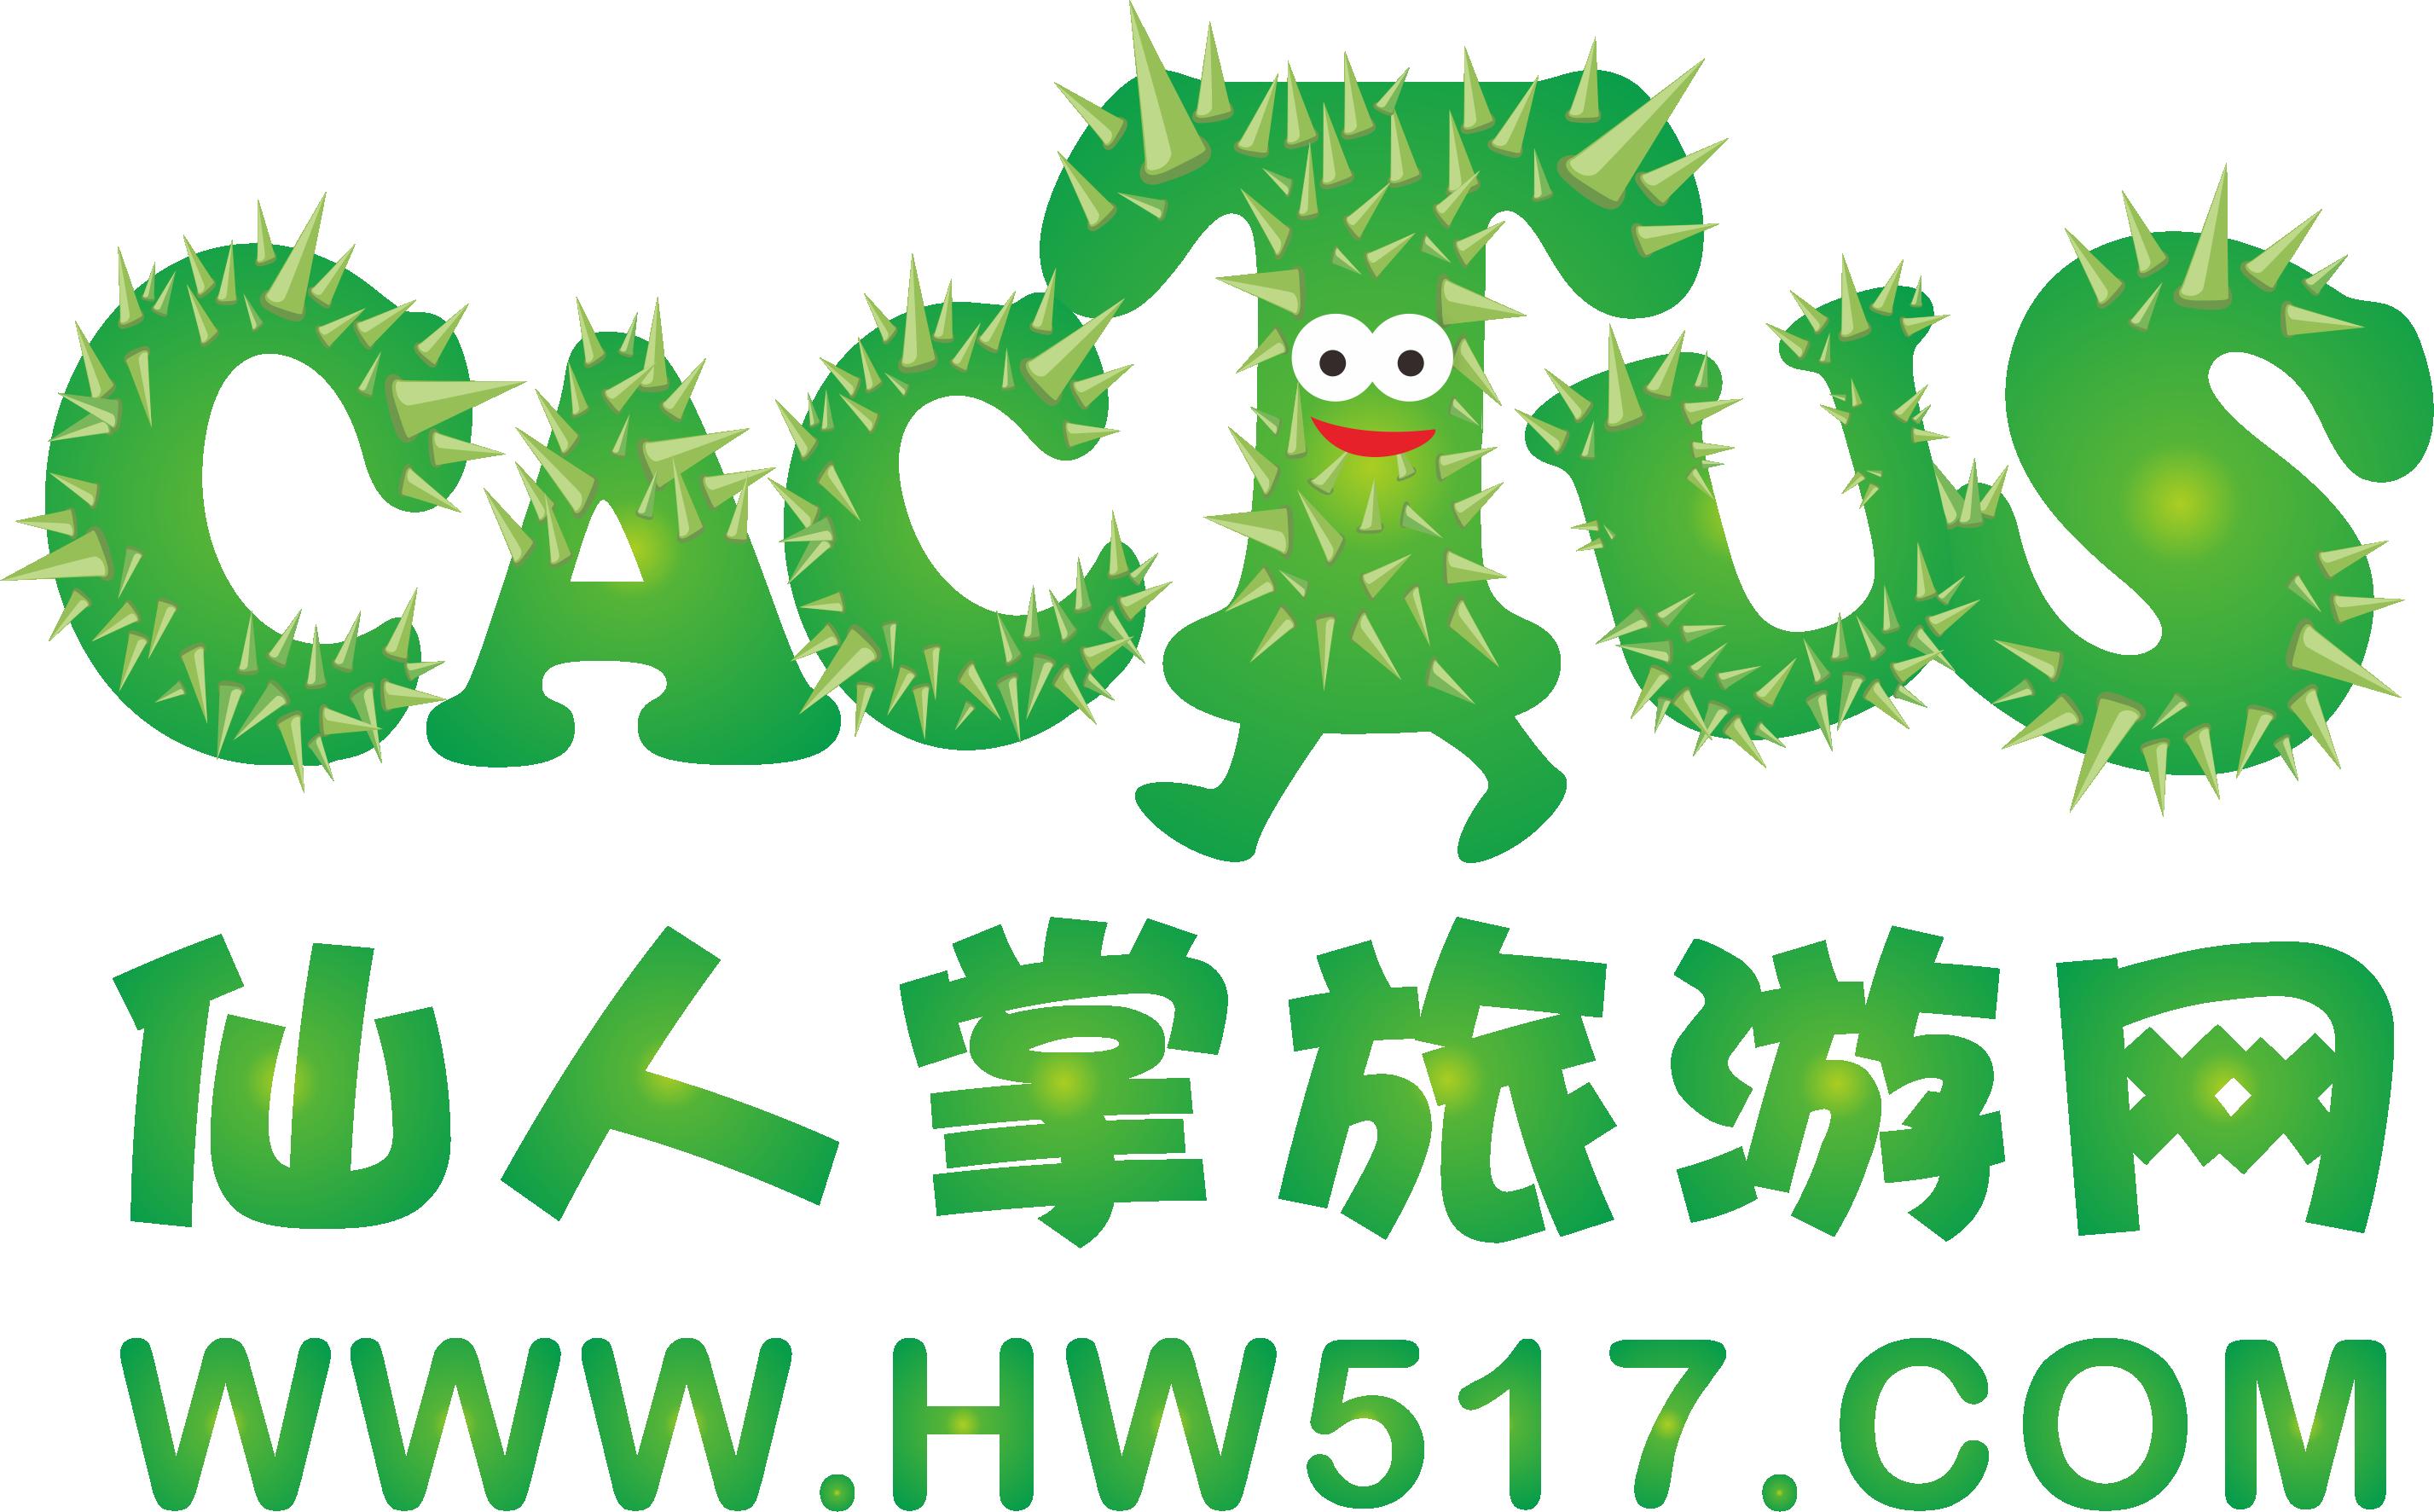 【仙人掌旅游网】暑期泰国品质五晚日游(杭州出港,香港转机)